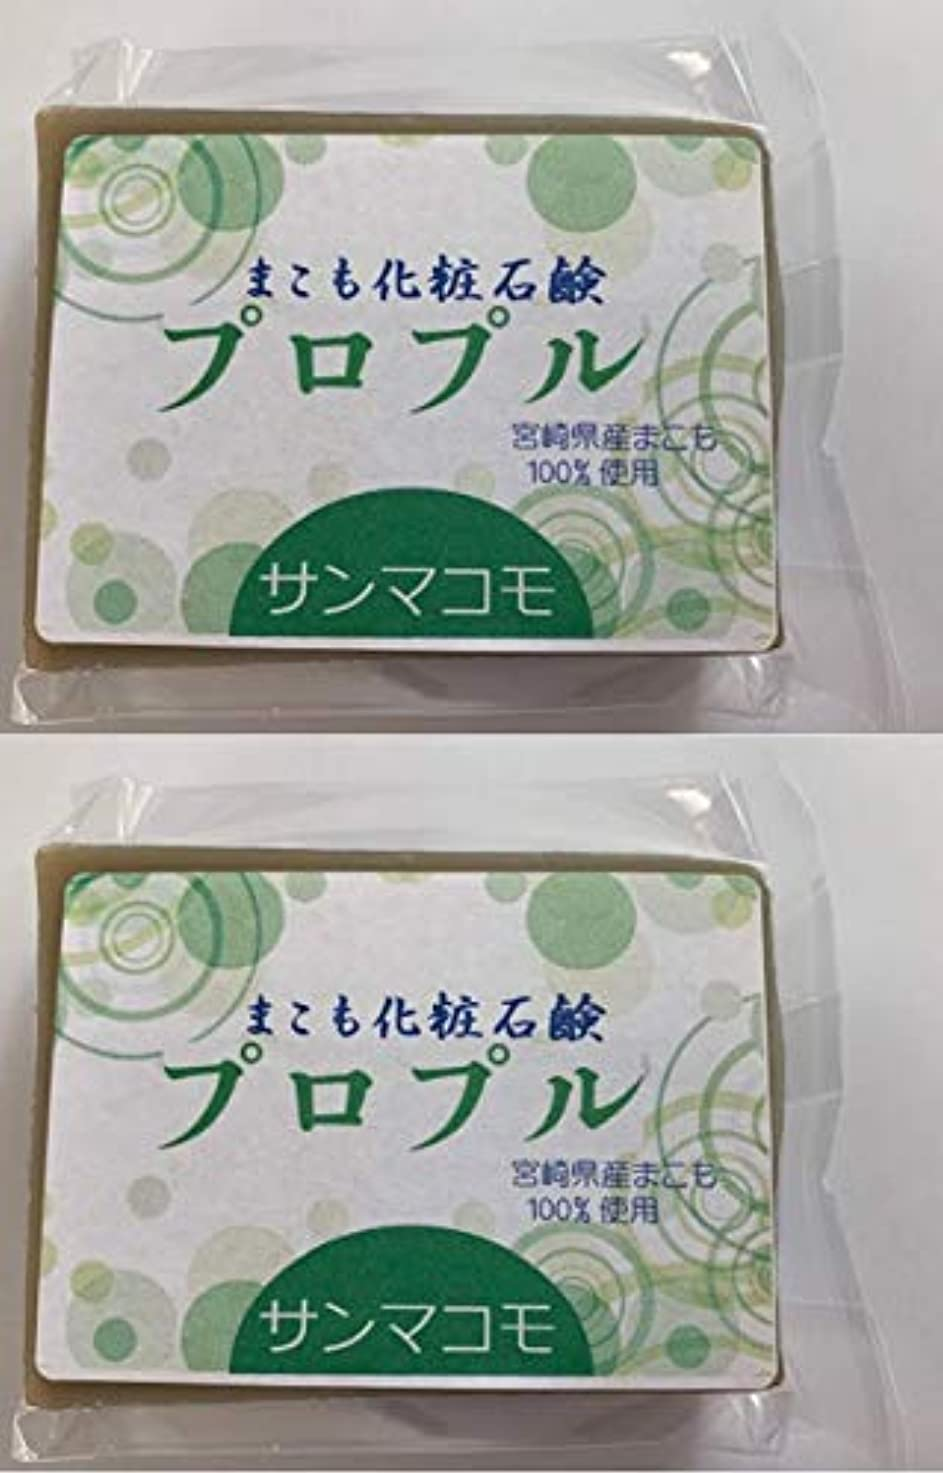 アトム羨望満了まこも化粧石鹸 プロプル 90g 2個セット